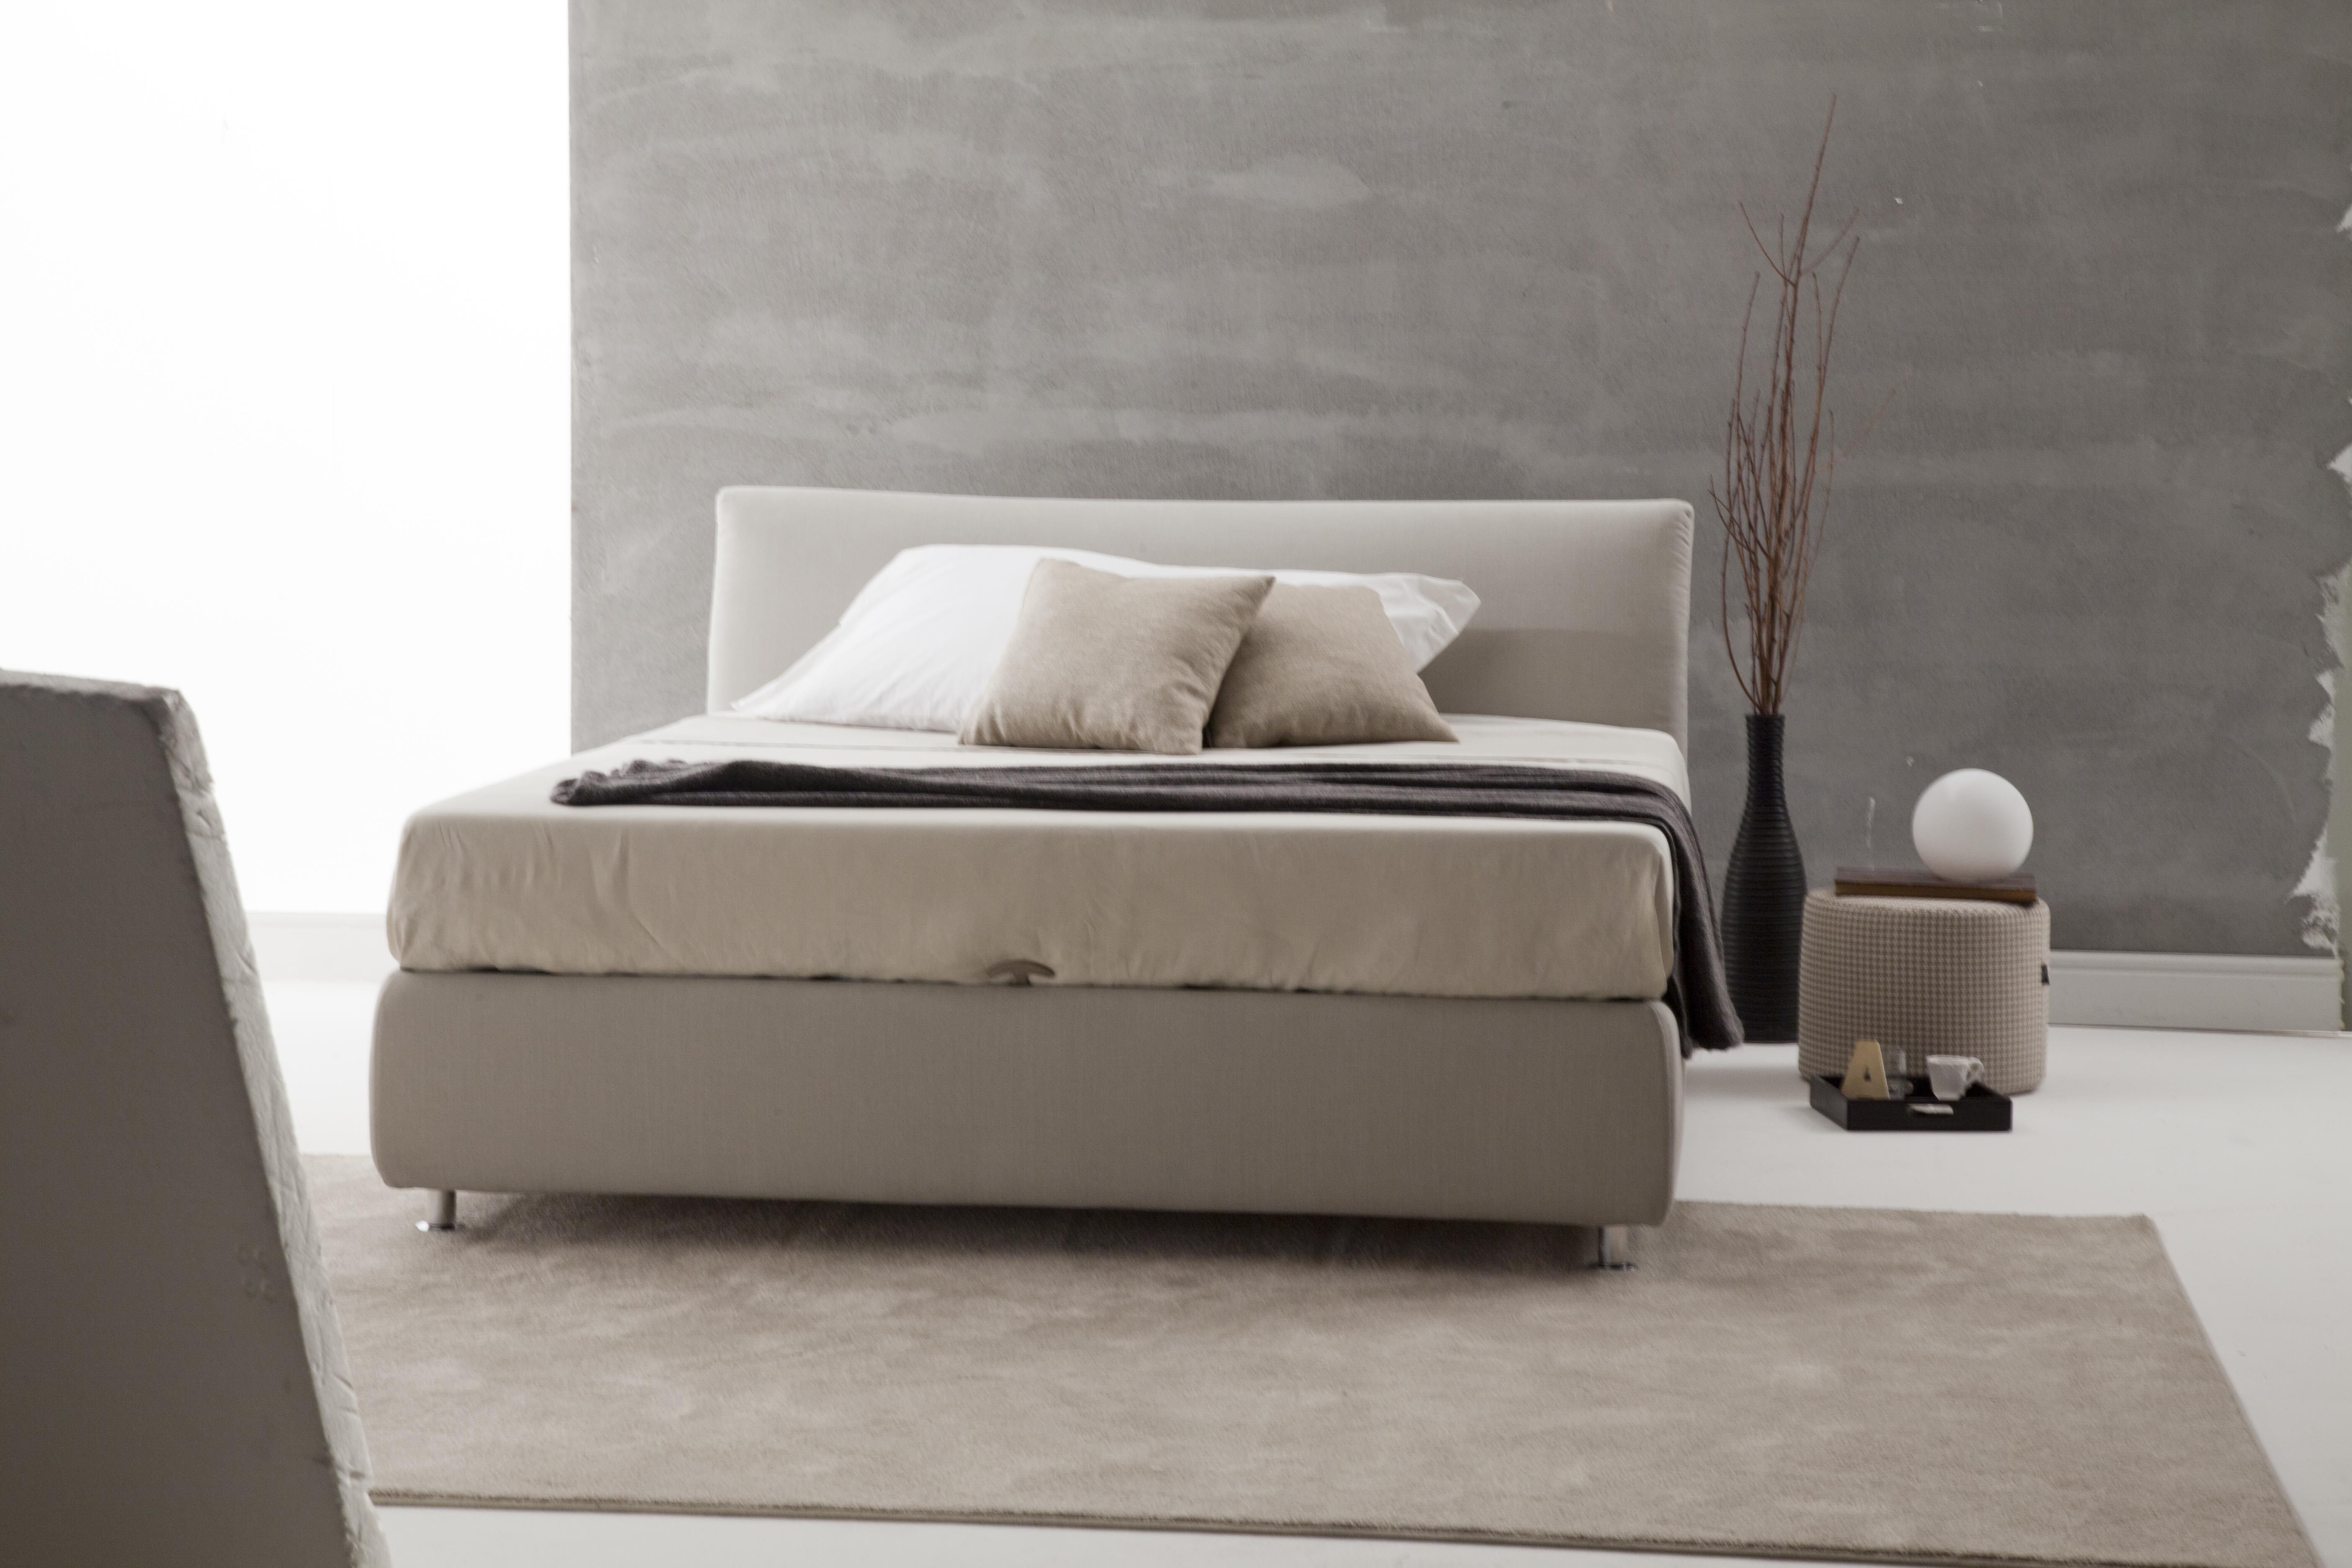 Letto contenitore in tessuto sfoderabile letto for Letto contenitore design